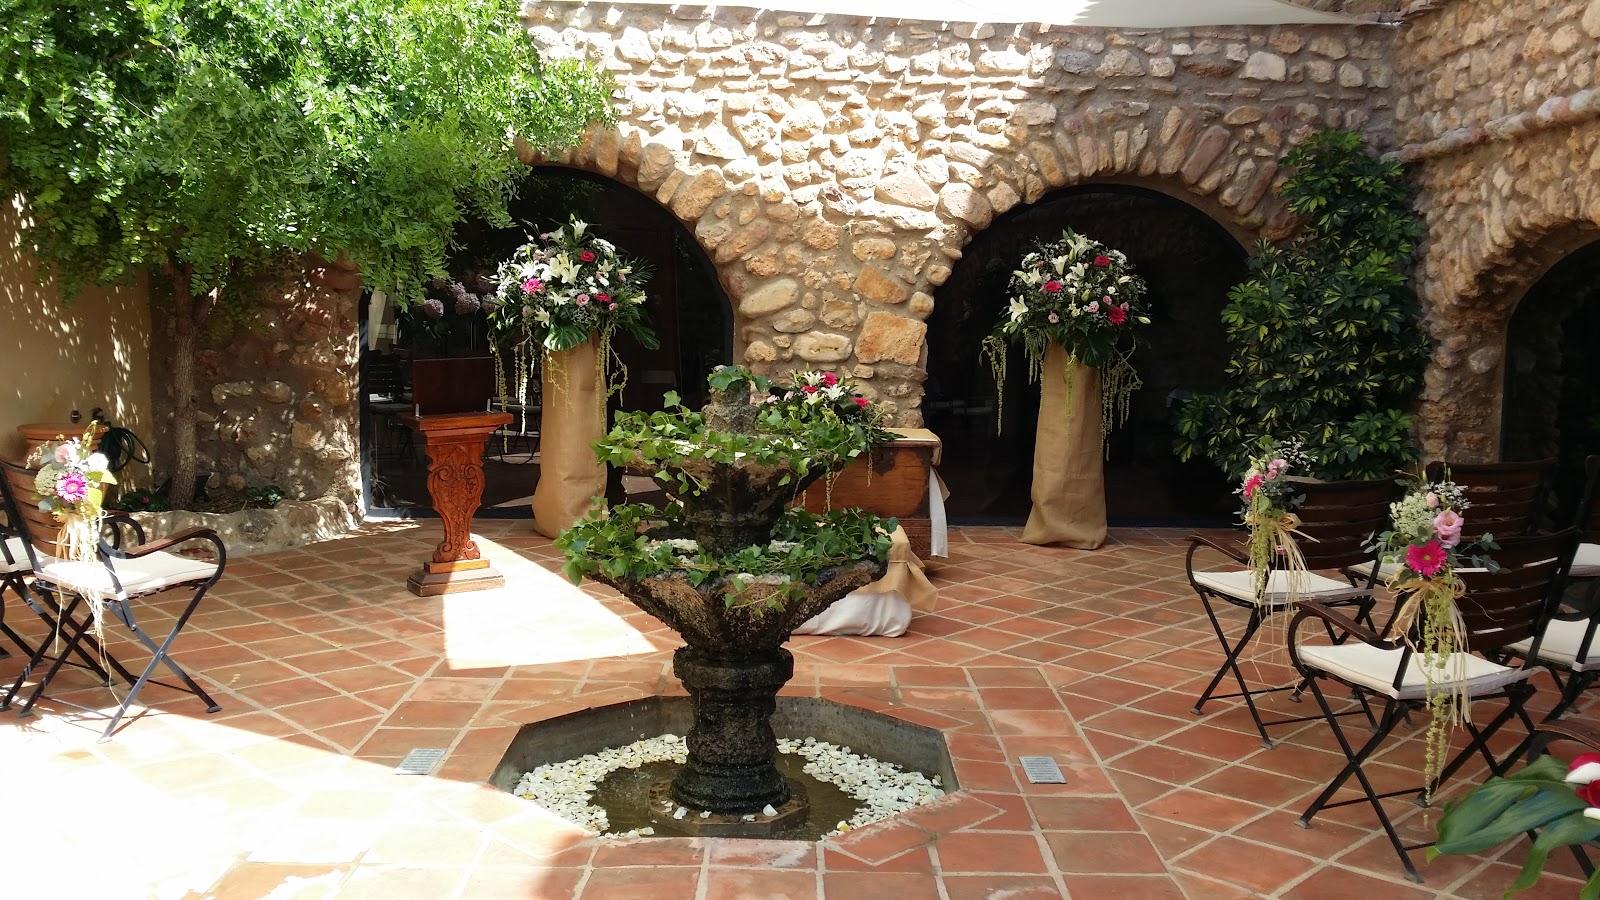 Ceremonia en el patio interior mas a durb - Casas con patio interior ...